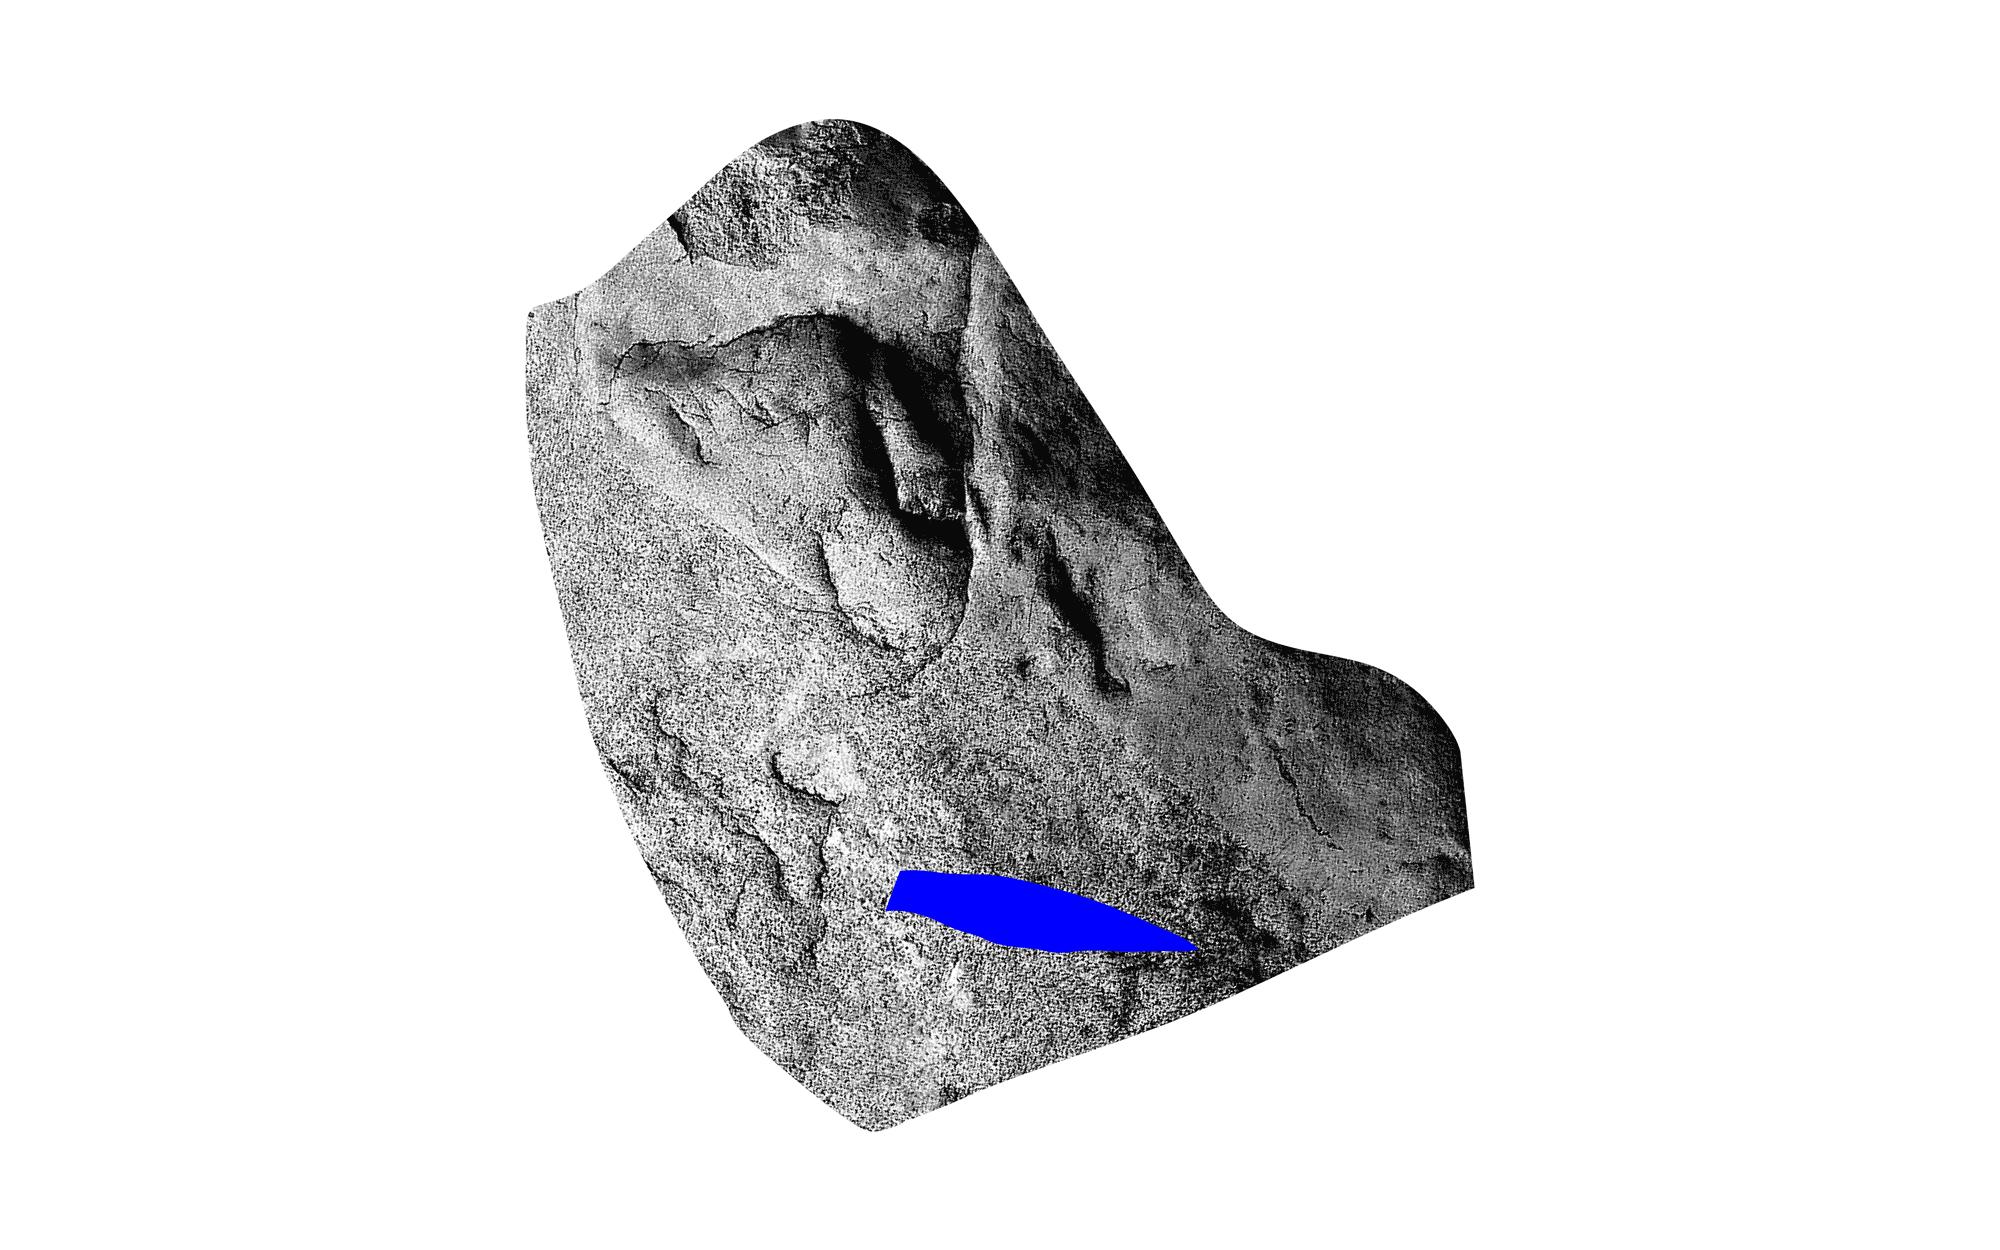 תערוכת סלע אדם מוזיאון בת ים